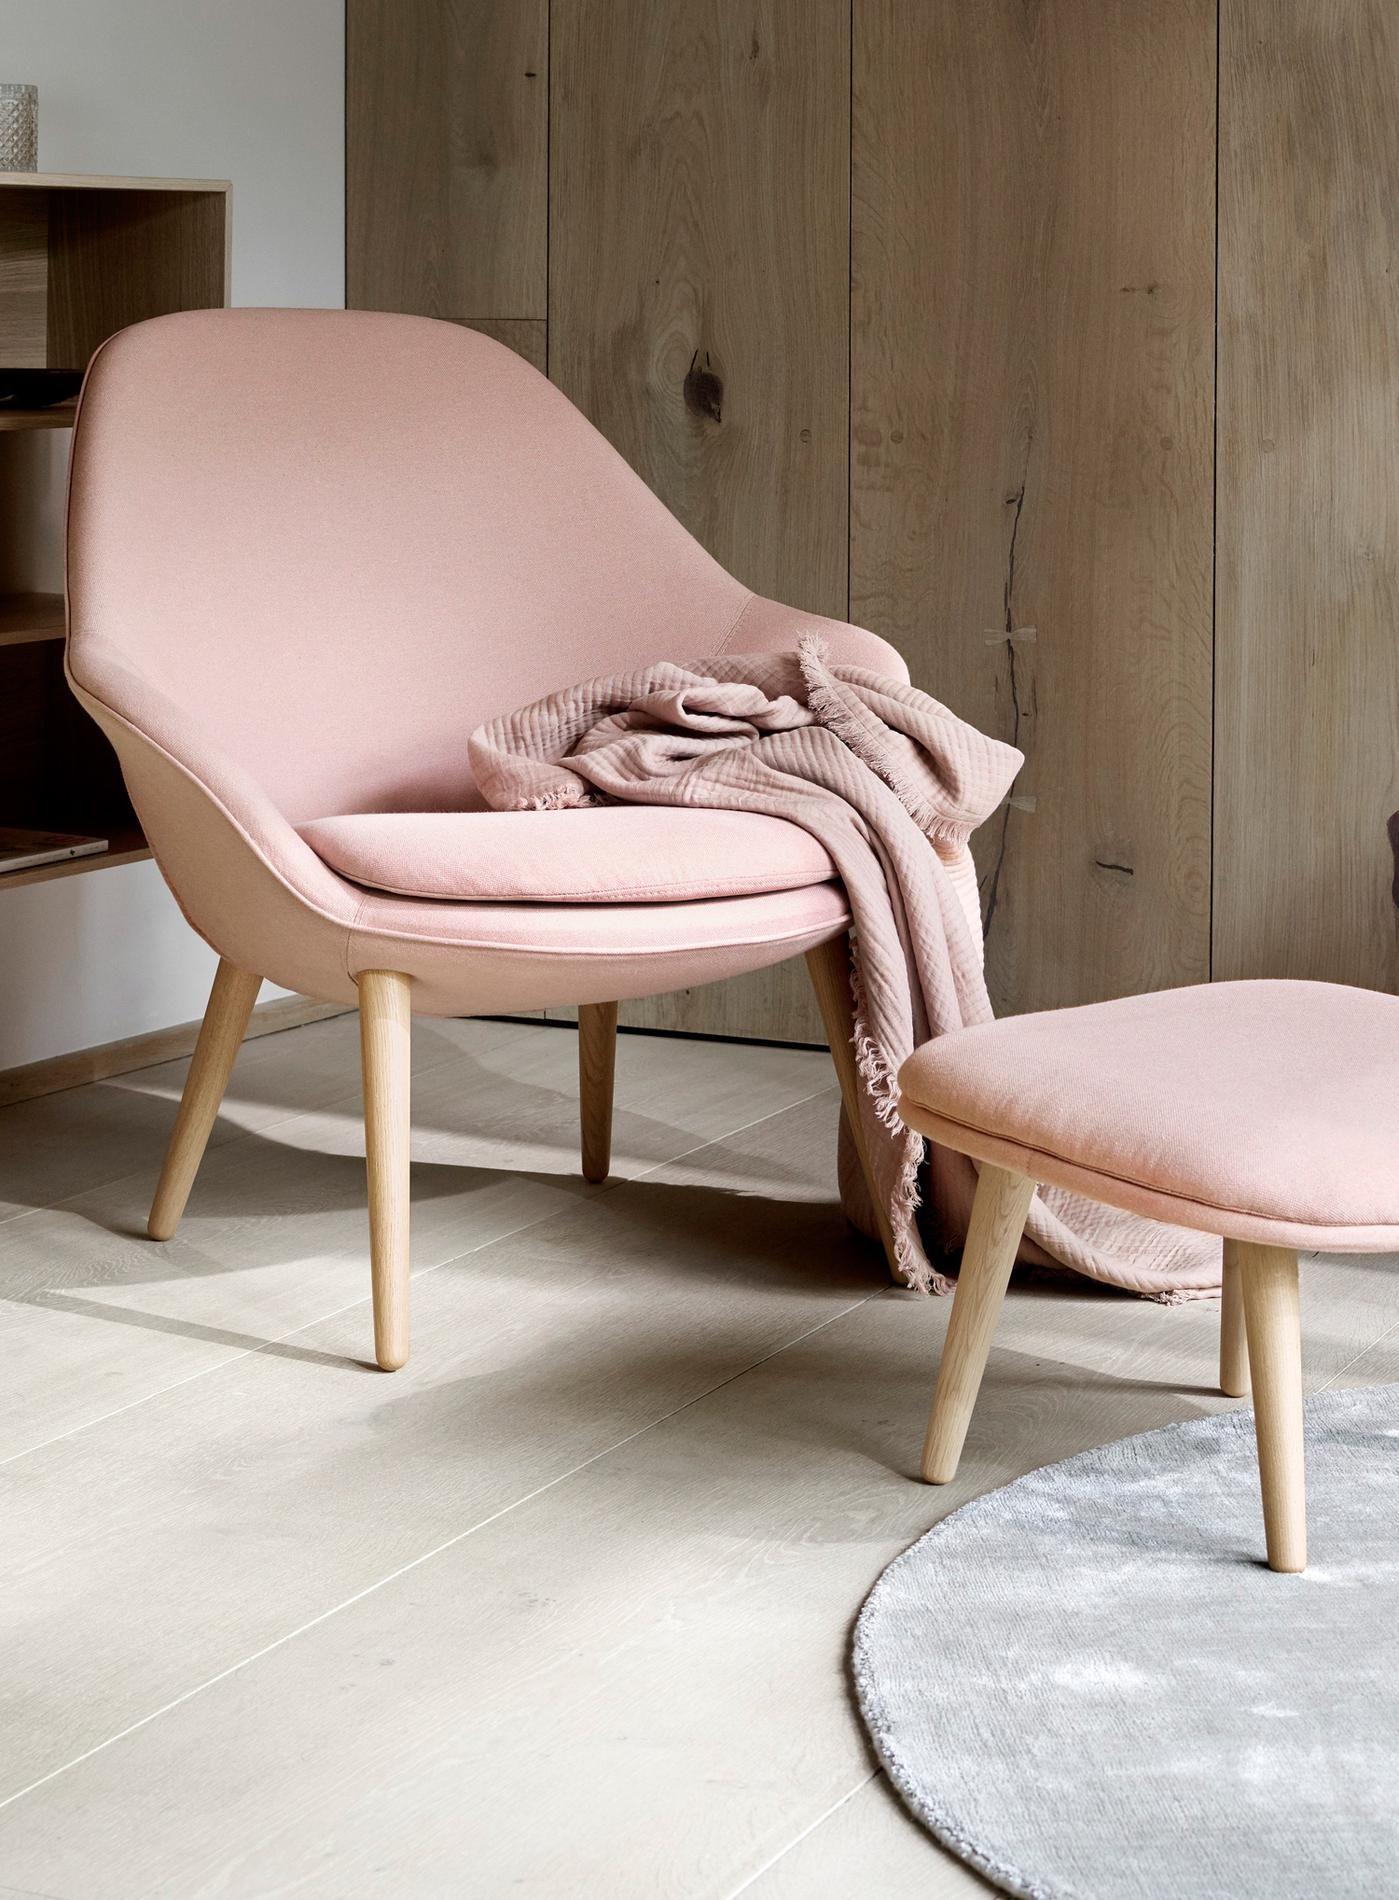 Vingt Fauteuils Ultra Confort Qui Invitent A La Paresse Fauteuil Design Confortable Fauteuil Ultra Confort Fauteuil Design